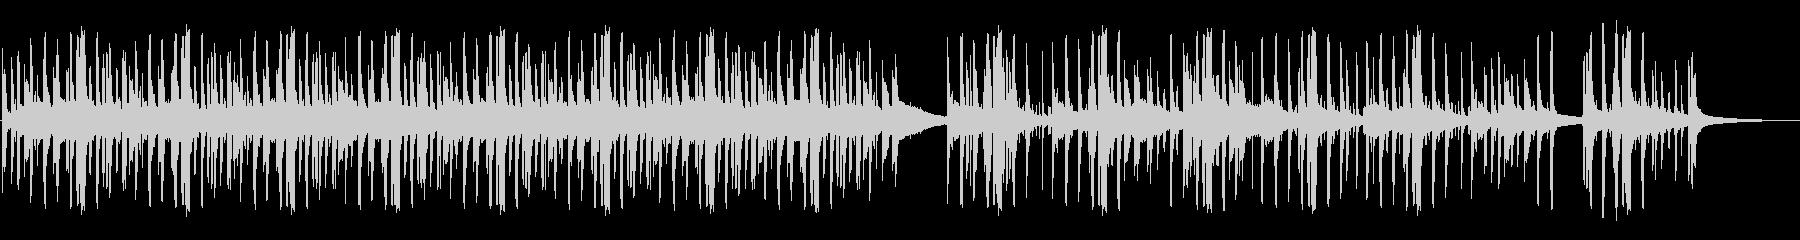 風変わりな響きのドラムグルーヴは催...の未再生の波形